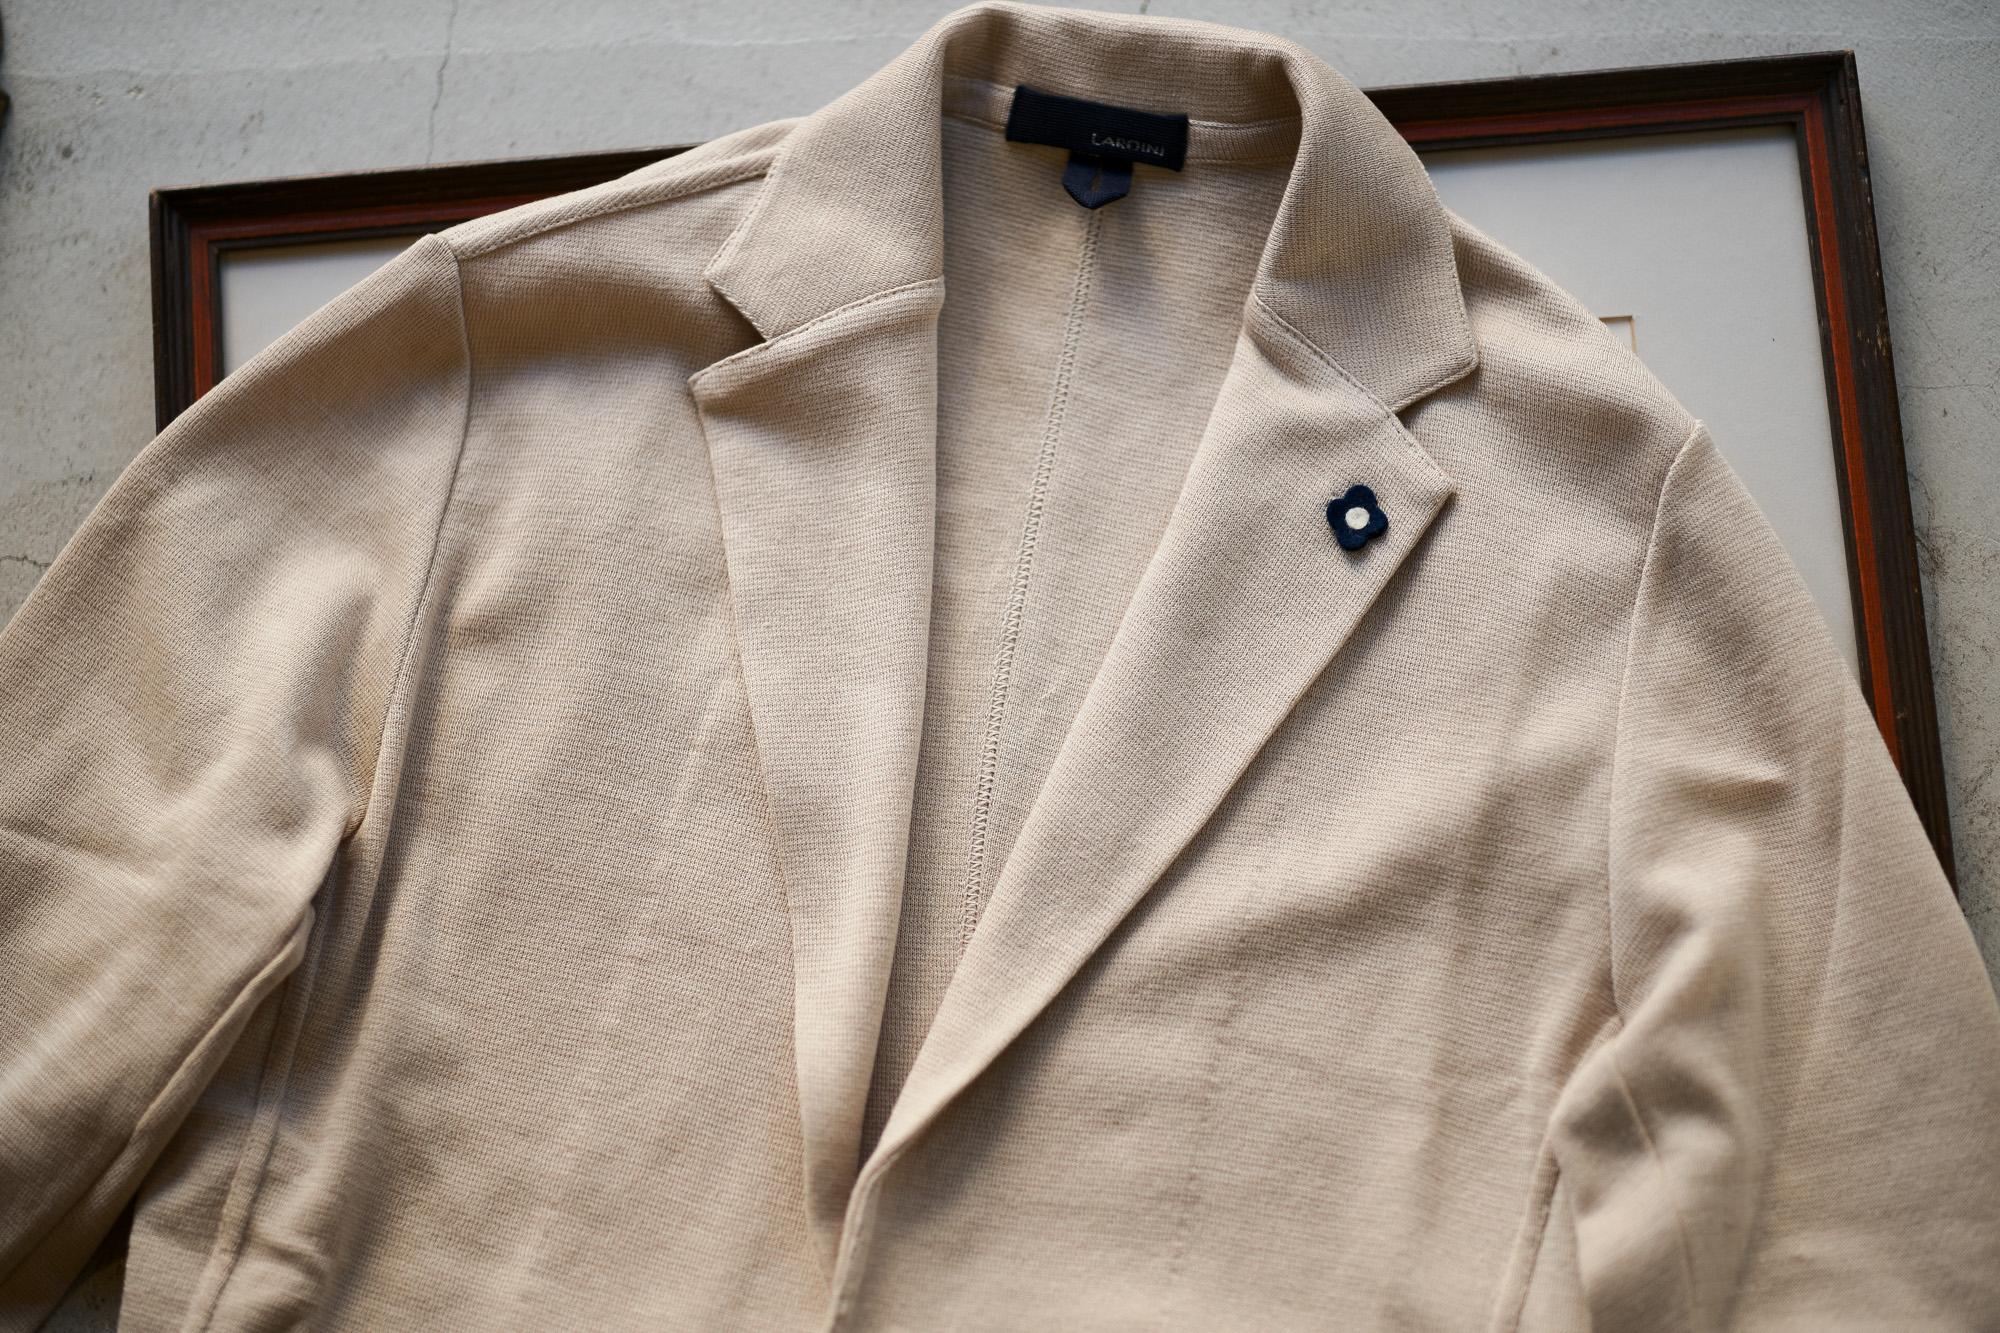 LARDINI (ラルディーニ) Milano Rib Knit Jacket (ミラノリブ ニット ジャケット) コットン ミラノリブ 2B ニットジャケット BEIGE(ベージュ・200) Made in italy (イタリア製) 2019 春夏新作 愛知 名古屋 alto e diritto アルトエデリット